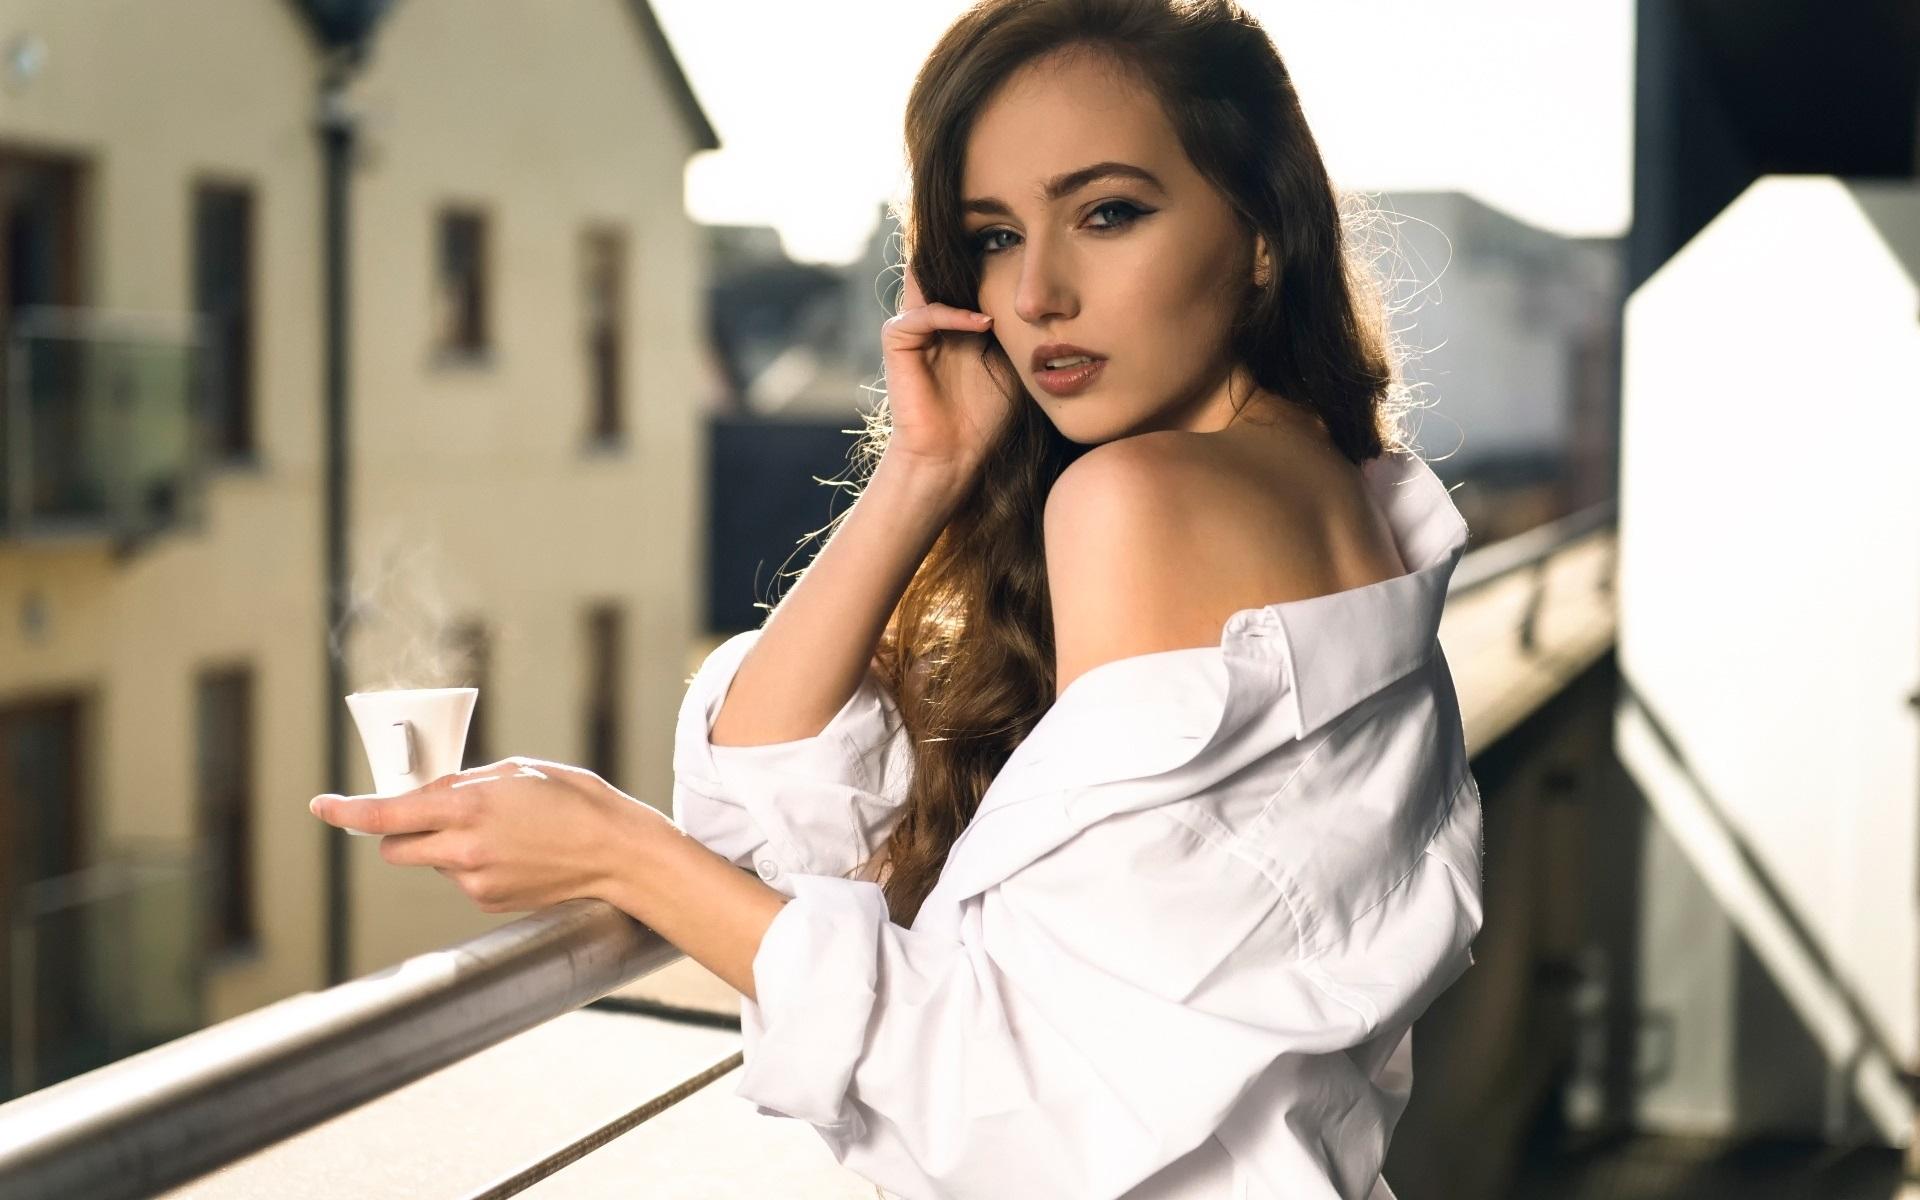 Лучшие фотографии девушек в белой рубашке порно видео как